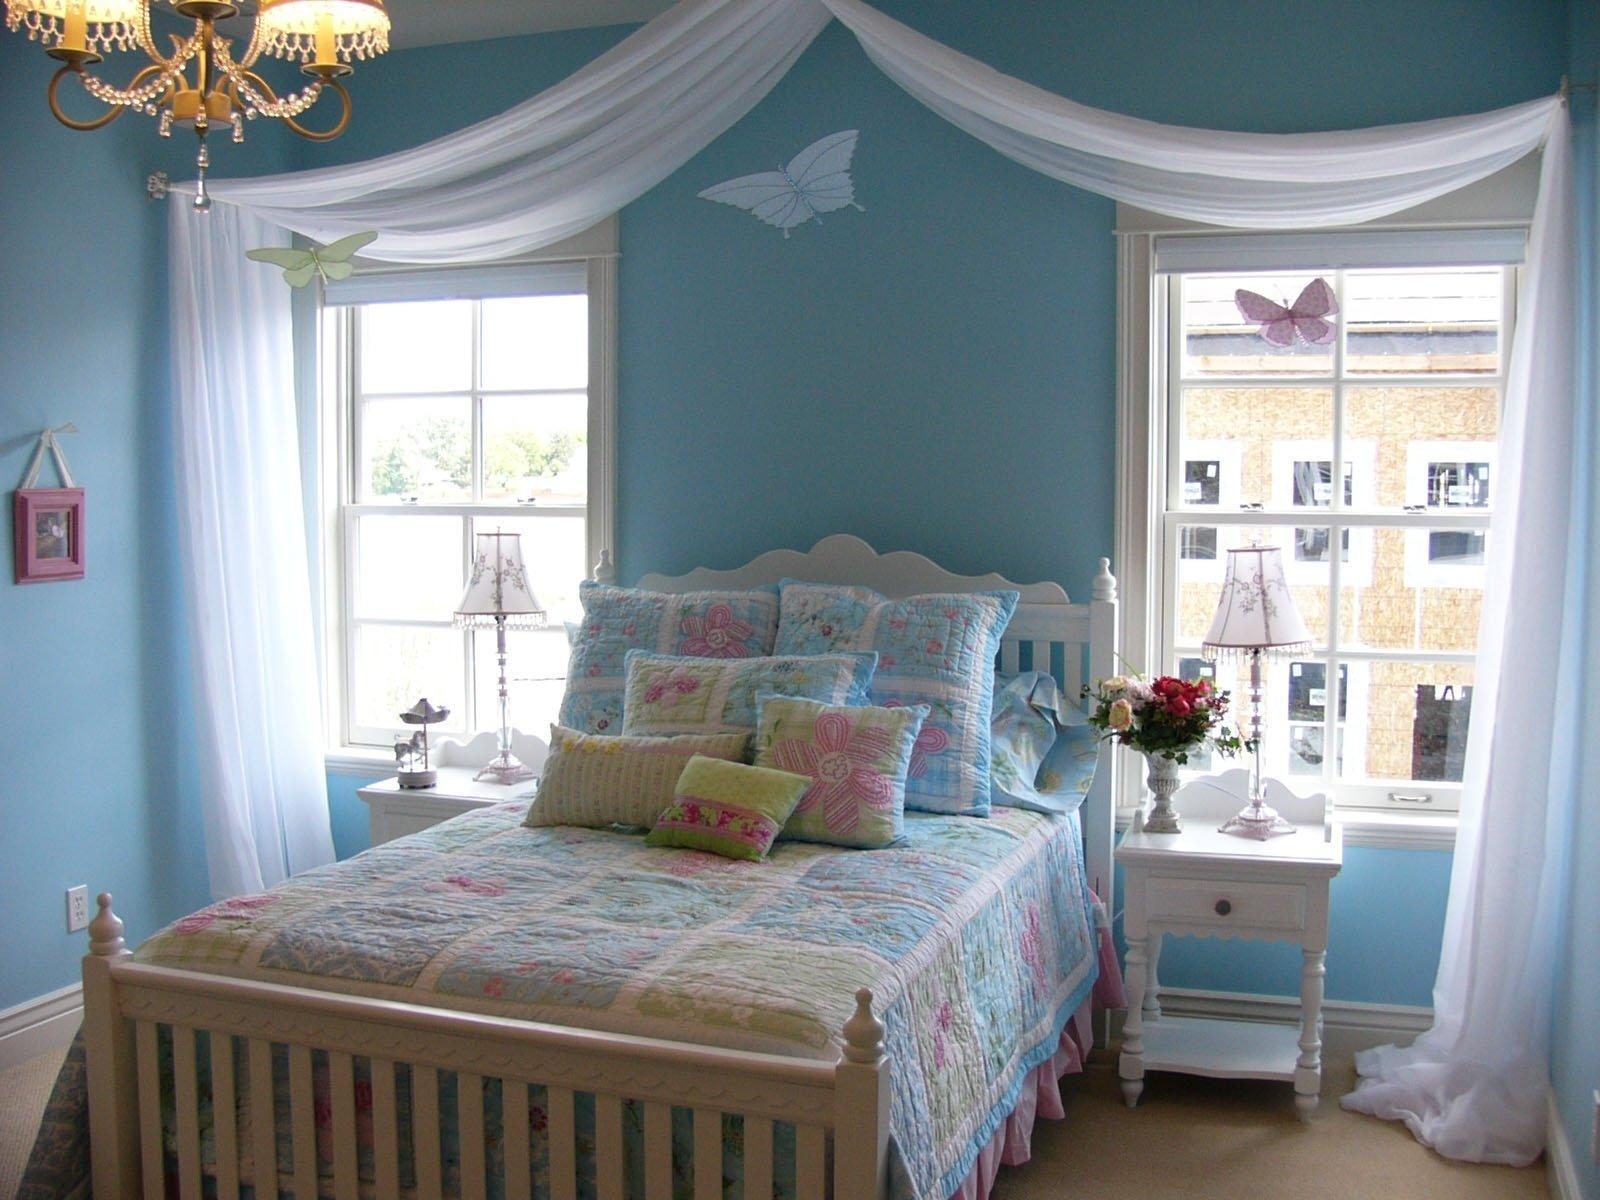 bedroom bedroom kids bedroom little girls room decor ideas of kids